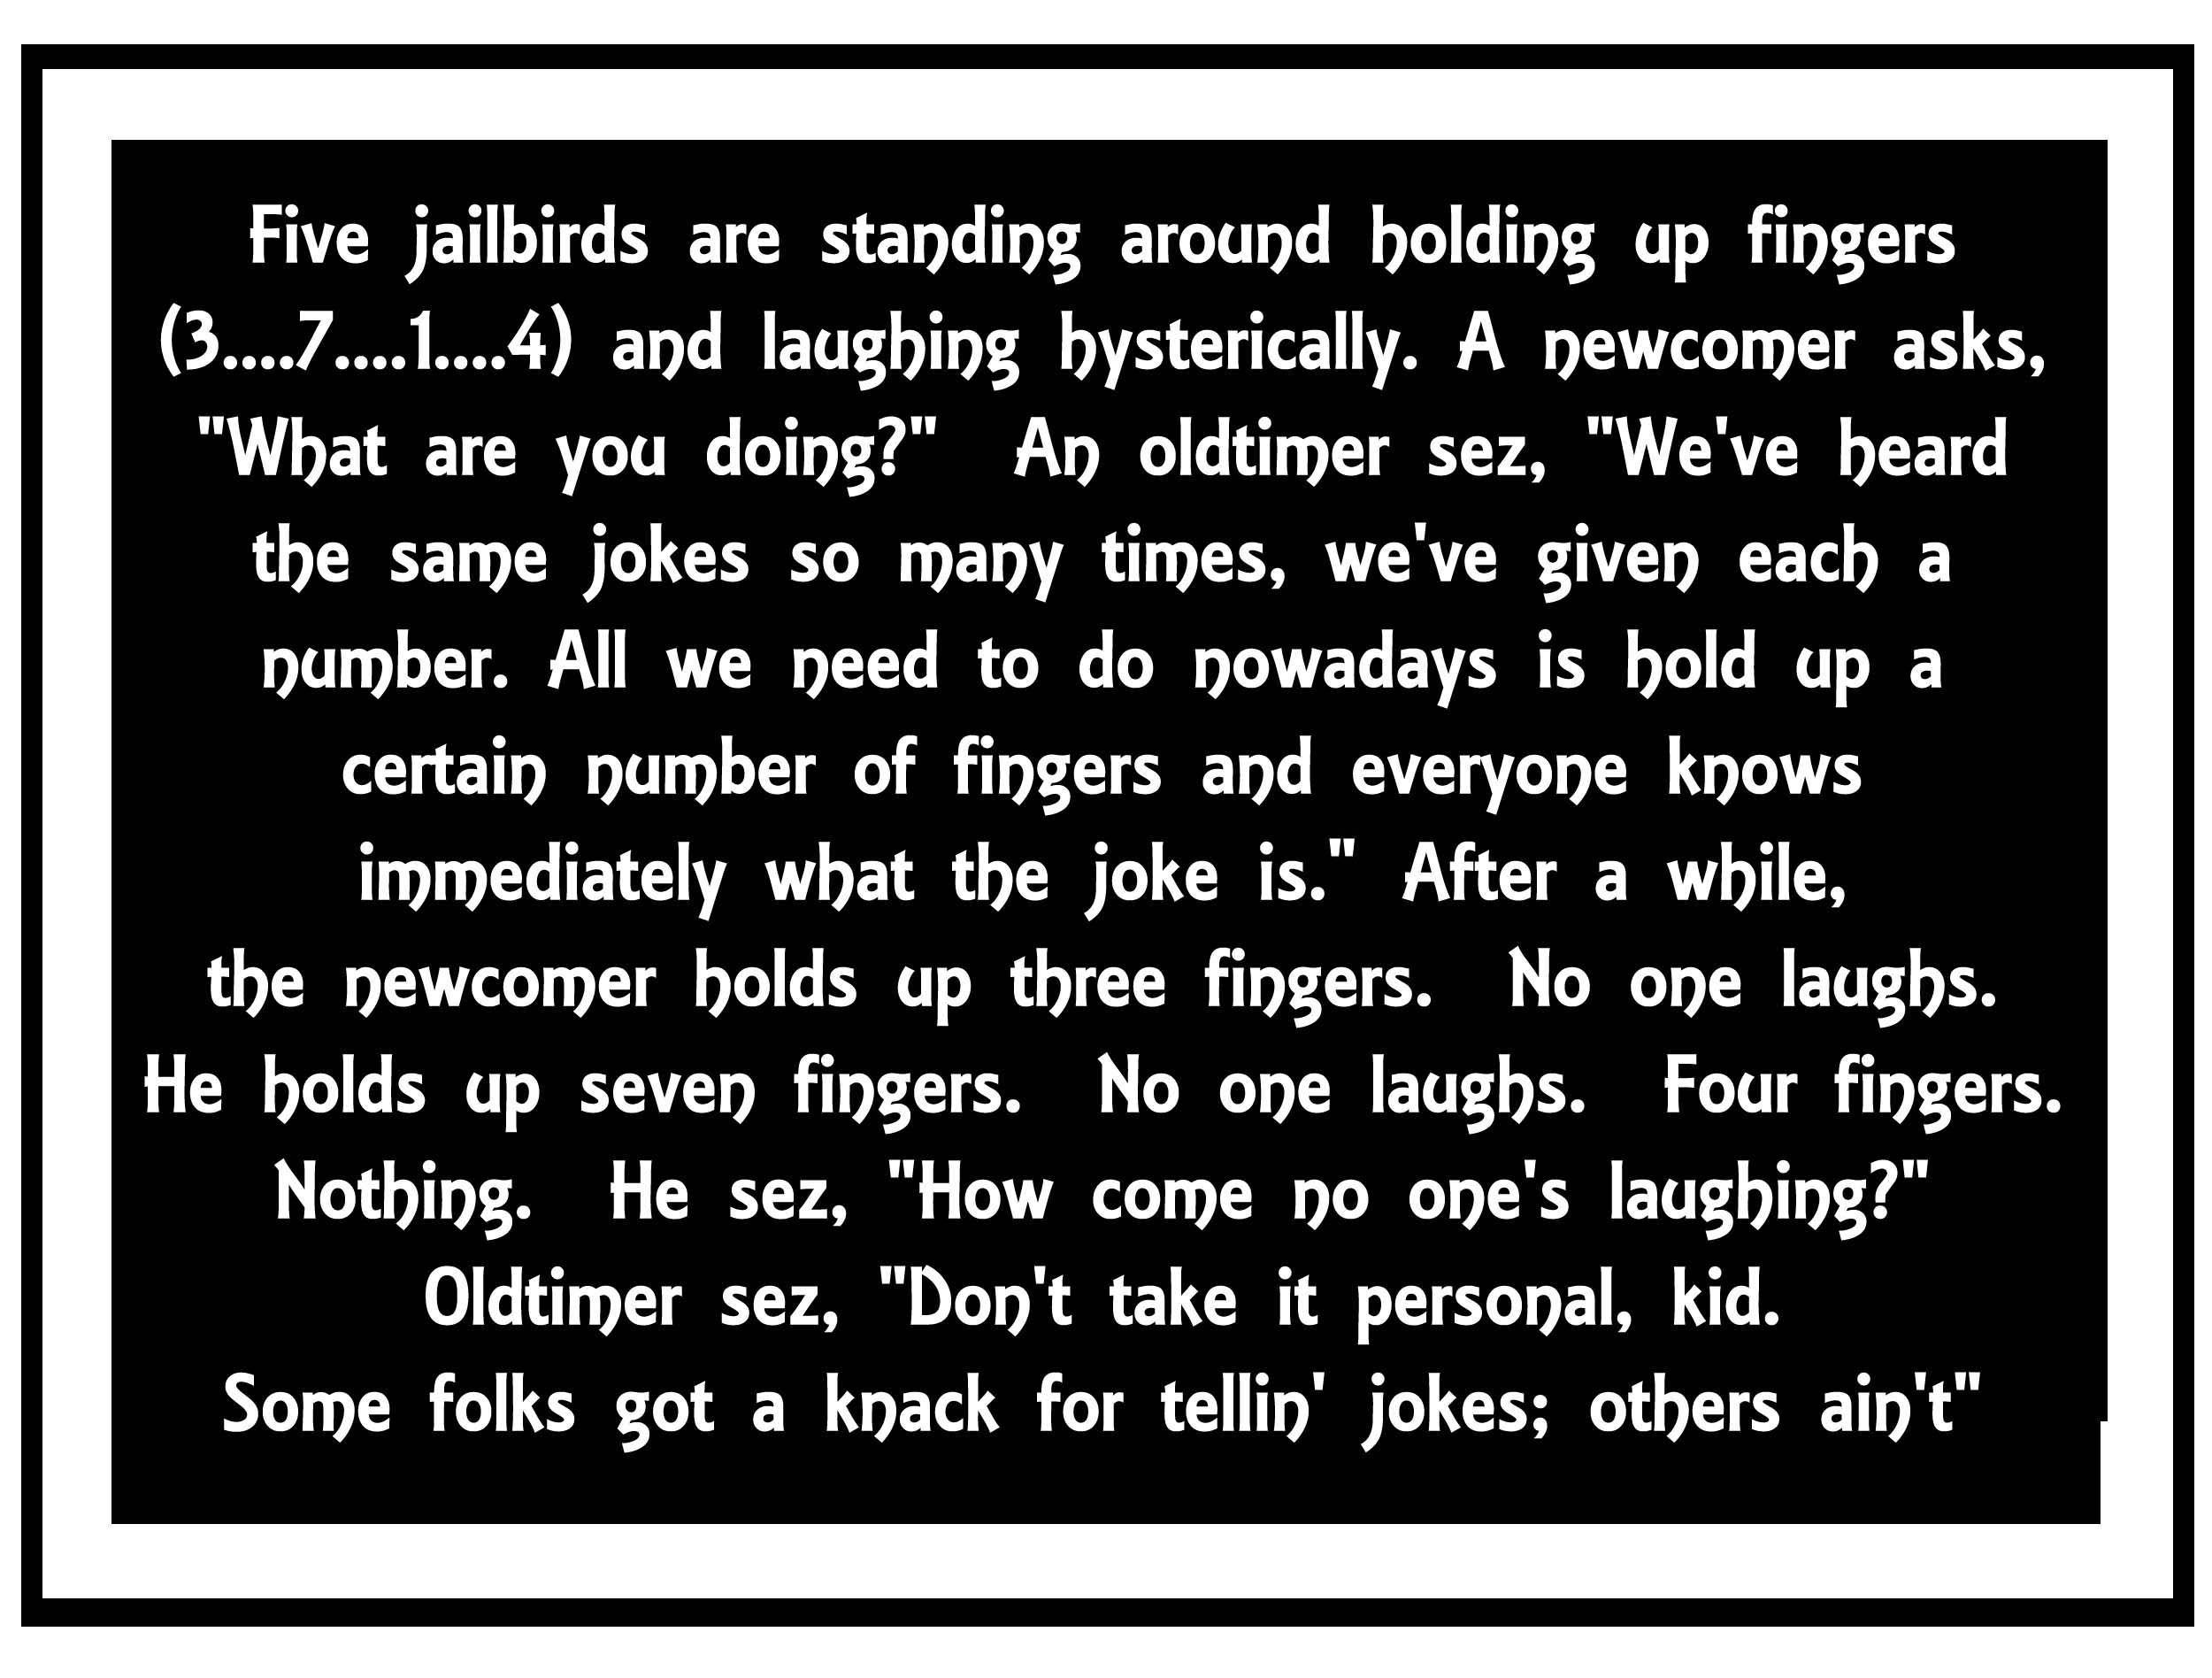 A handful of short jokes